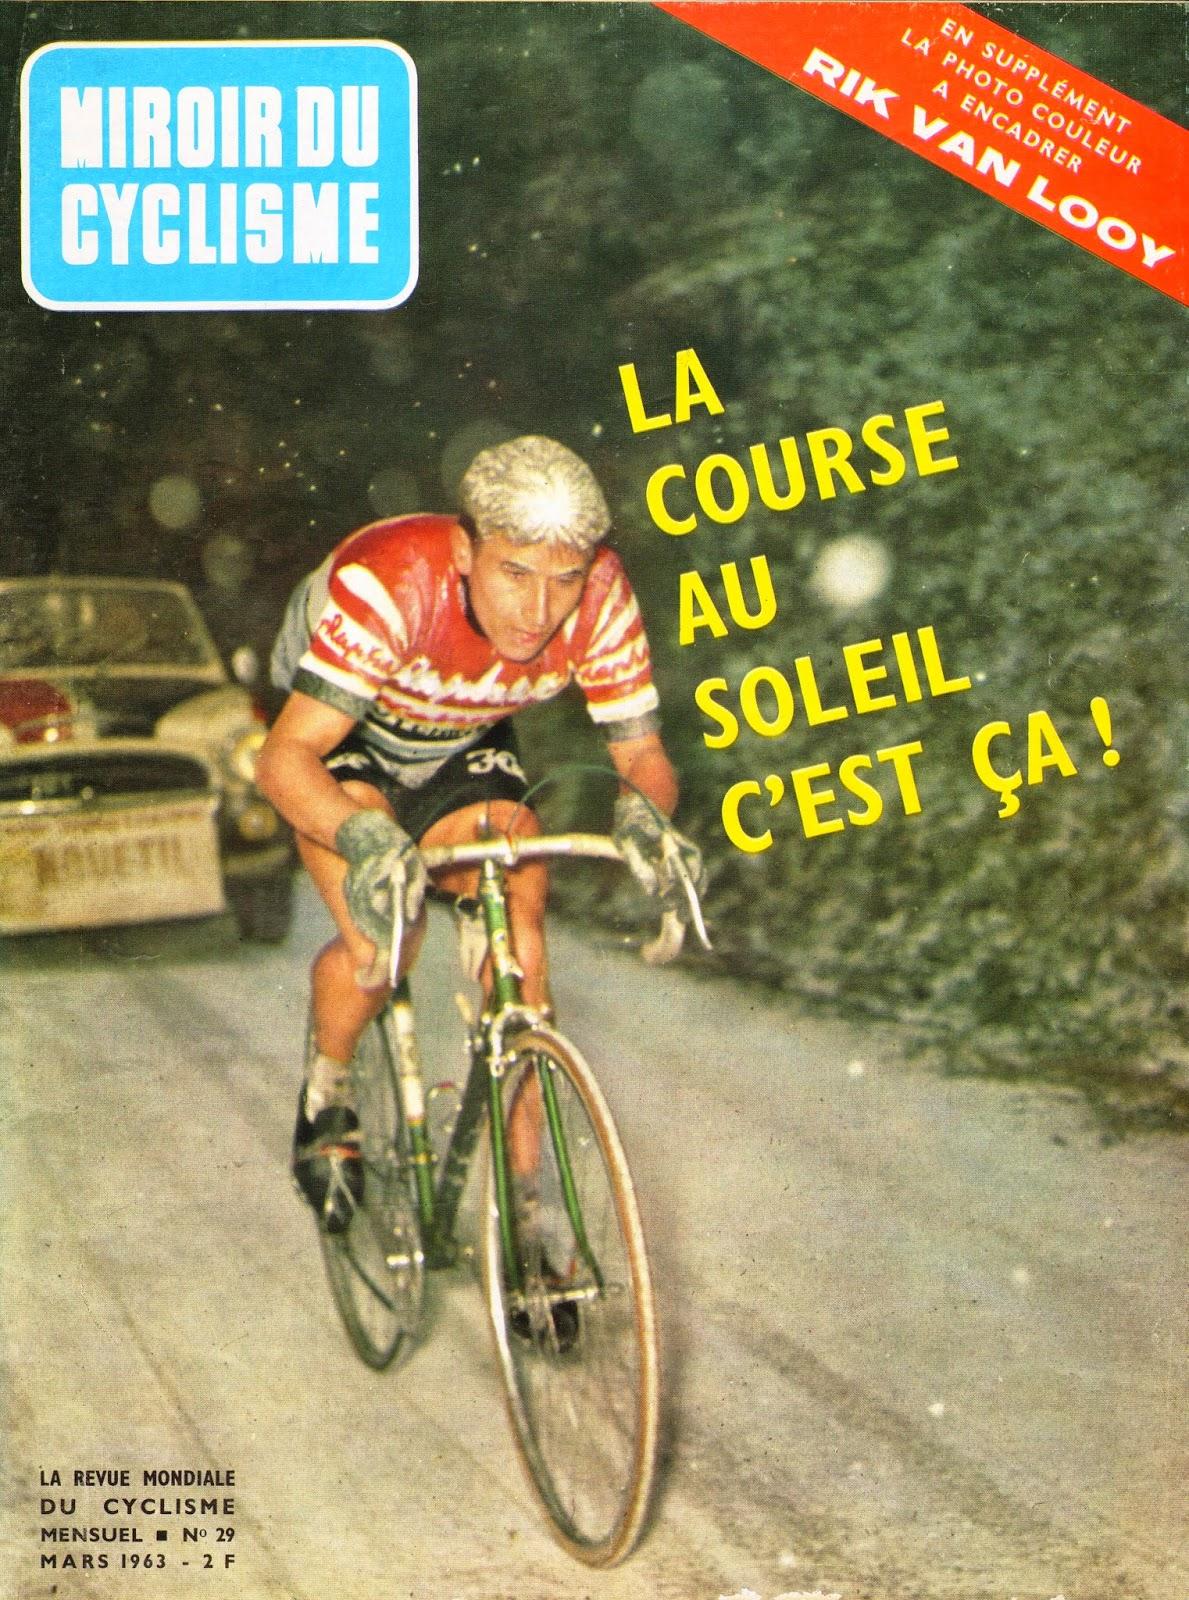 Mon tour de france 1959 la suite anquetil la une de for Miroir du cyclisme